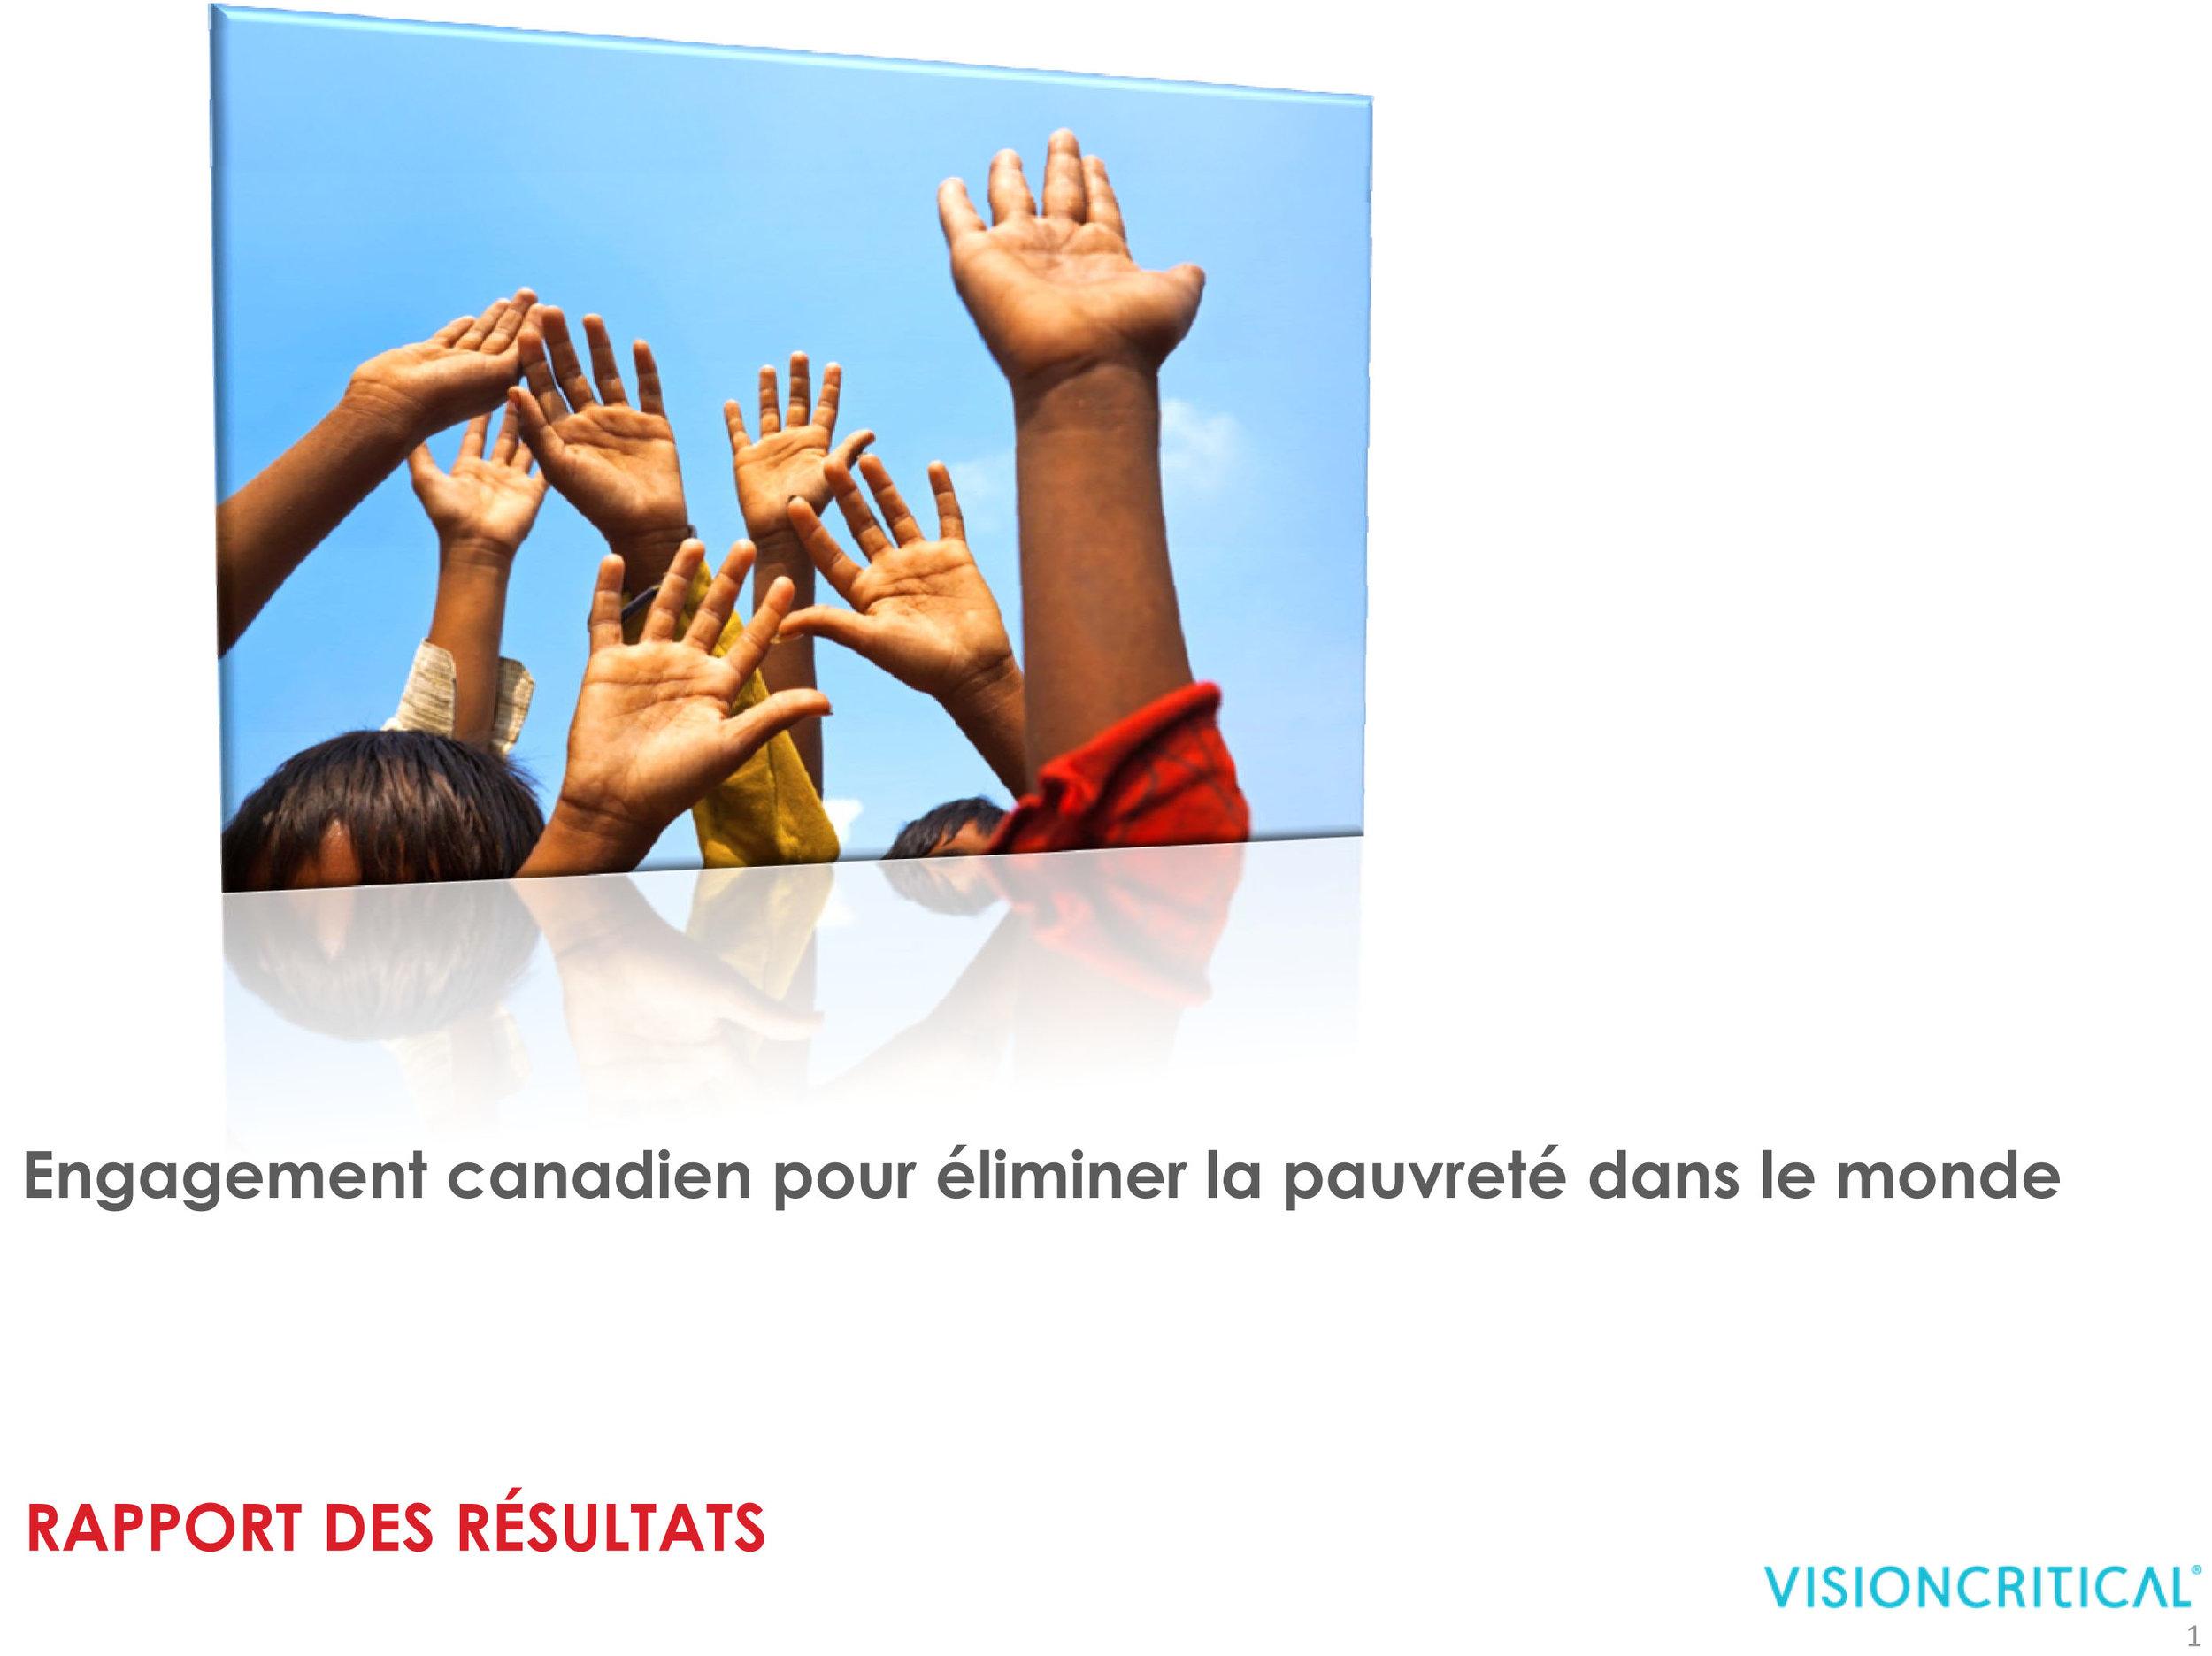 Engagement canadien pour éliminer la pauvreté dans le monde